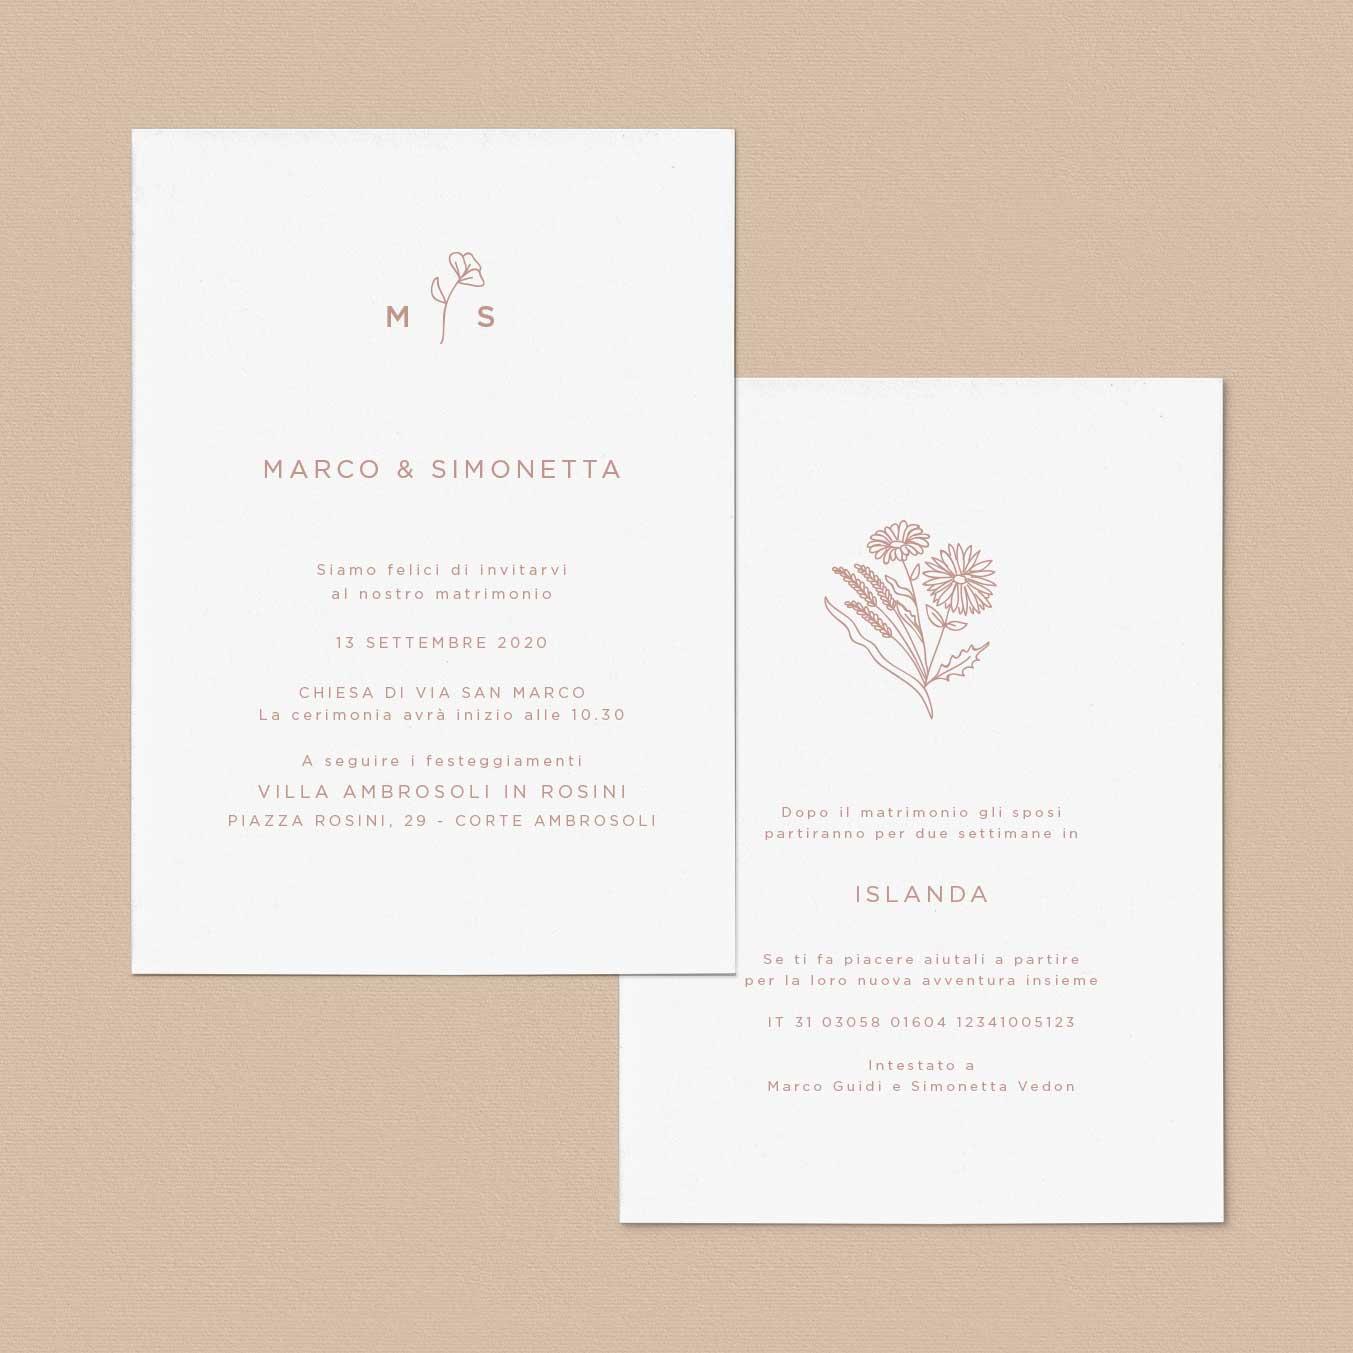 Invito-partecipazione-matrimonio-wedding-nozze-fiori-moderne-stile-esempi-idee-semplice-moderno-pop-elegante-modern-chic-fiorellini-natura